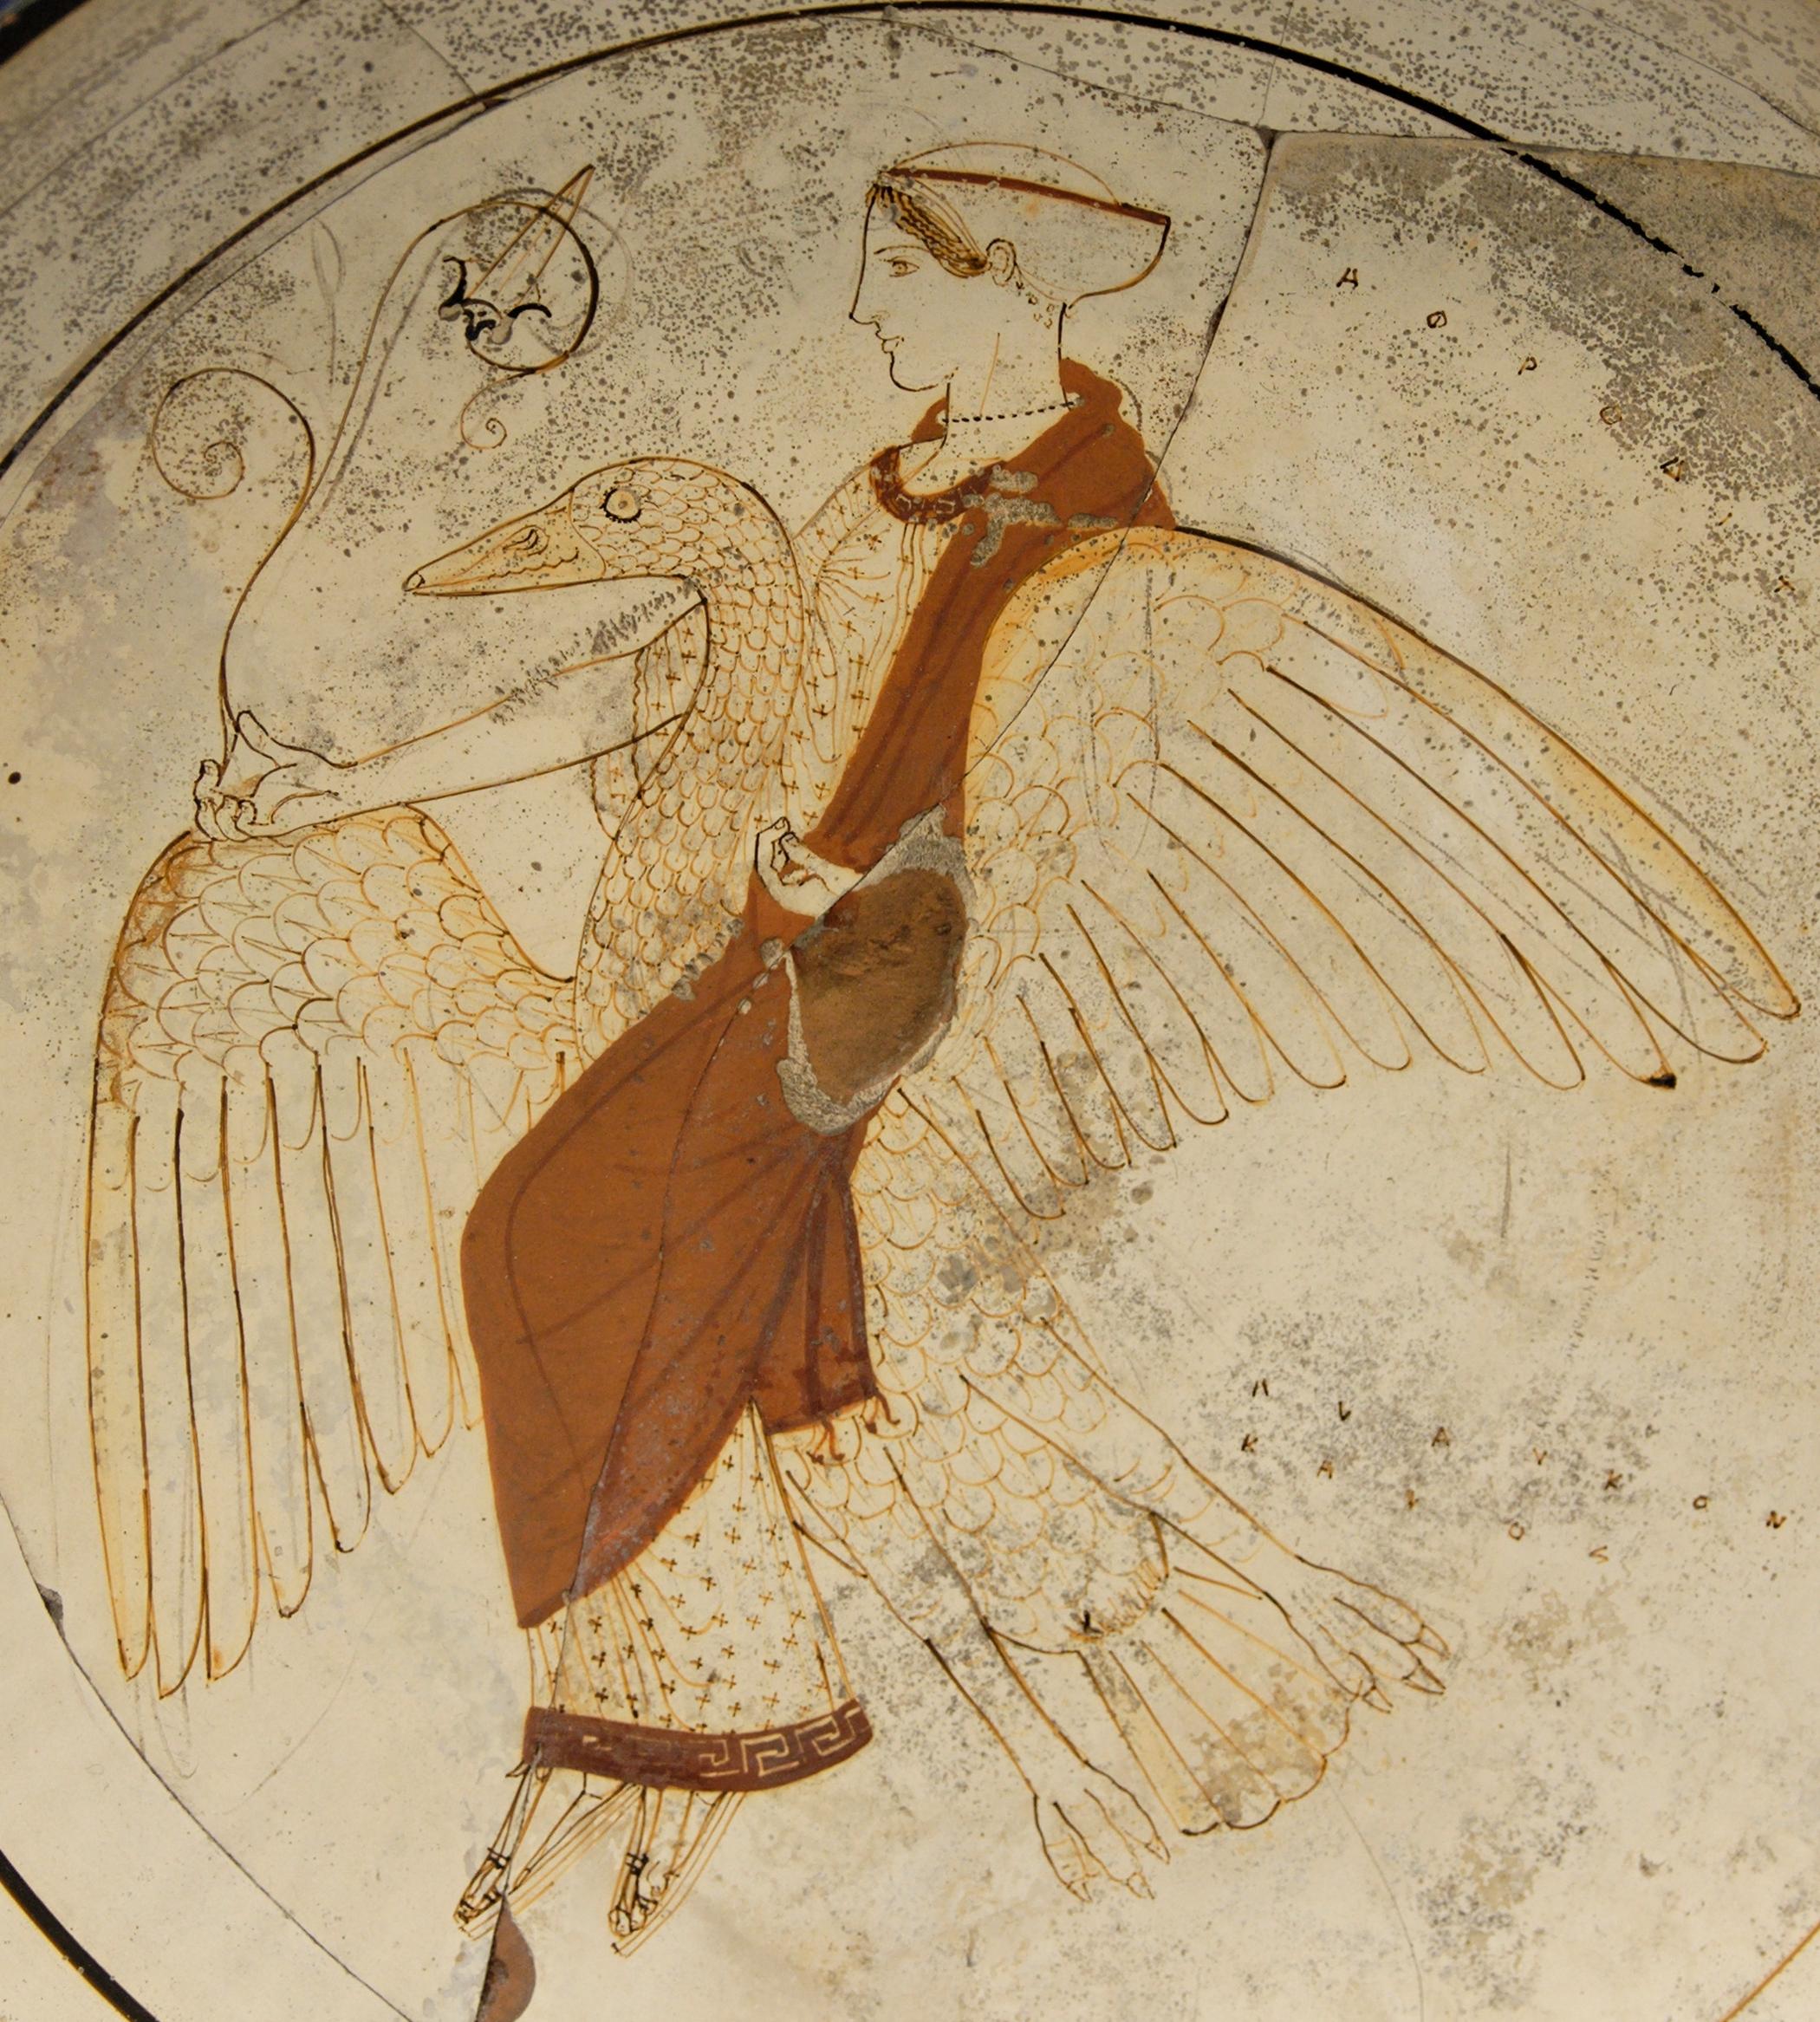 Afrodite Aφροδίτη a cavallo di un cigno tomba F43 Kameiros Rodi Il cigno animale sacro alla Dea e pagno di Apollo nella tradizione religiosa greca